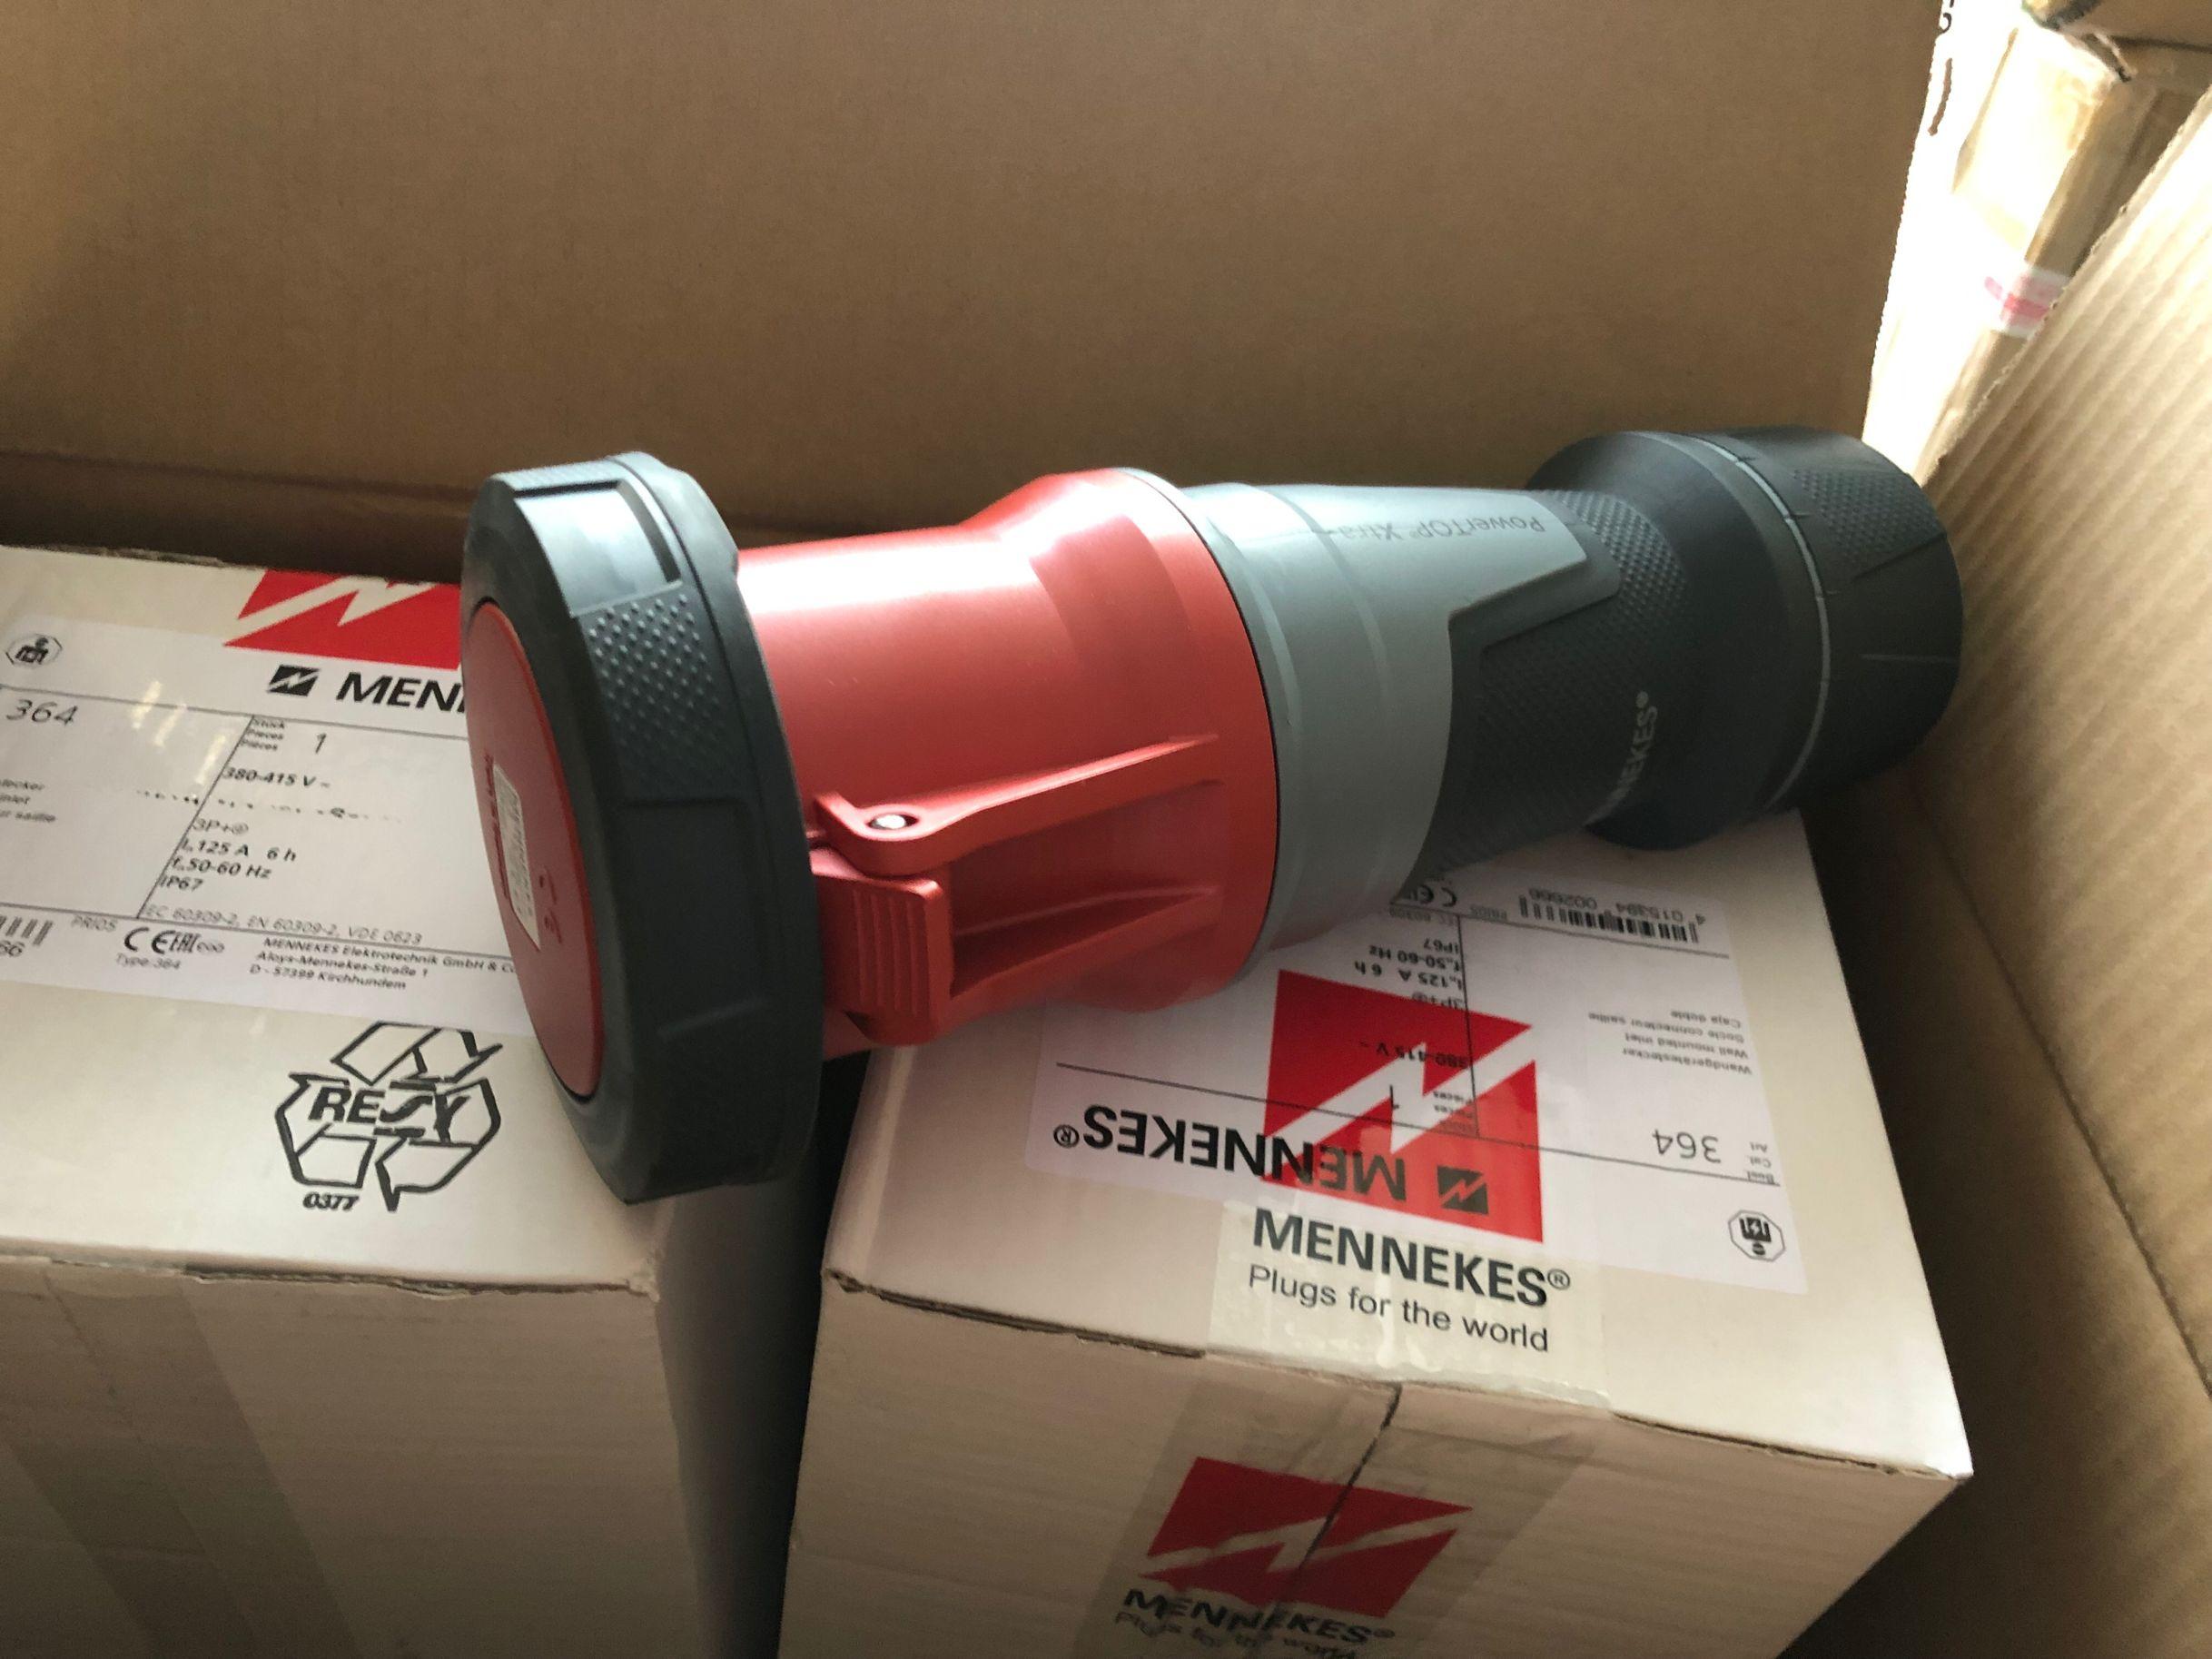 曼奈柯斯MENNEKES工业插座 供应工业插座曼奈柯斯附加插座1500#5P 斜插